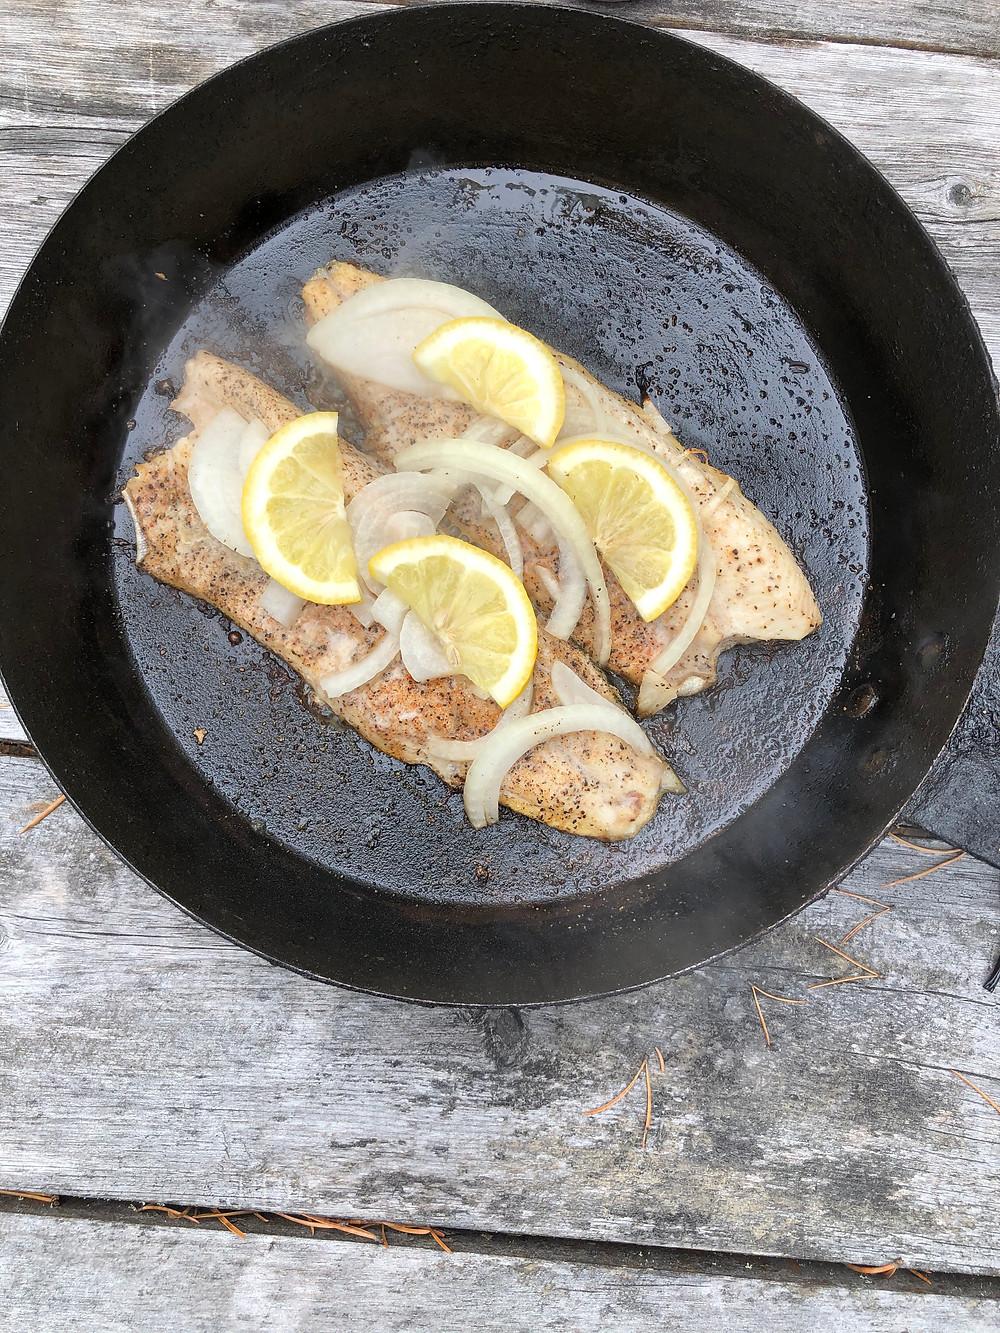 Pan fry trout